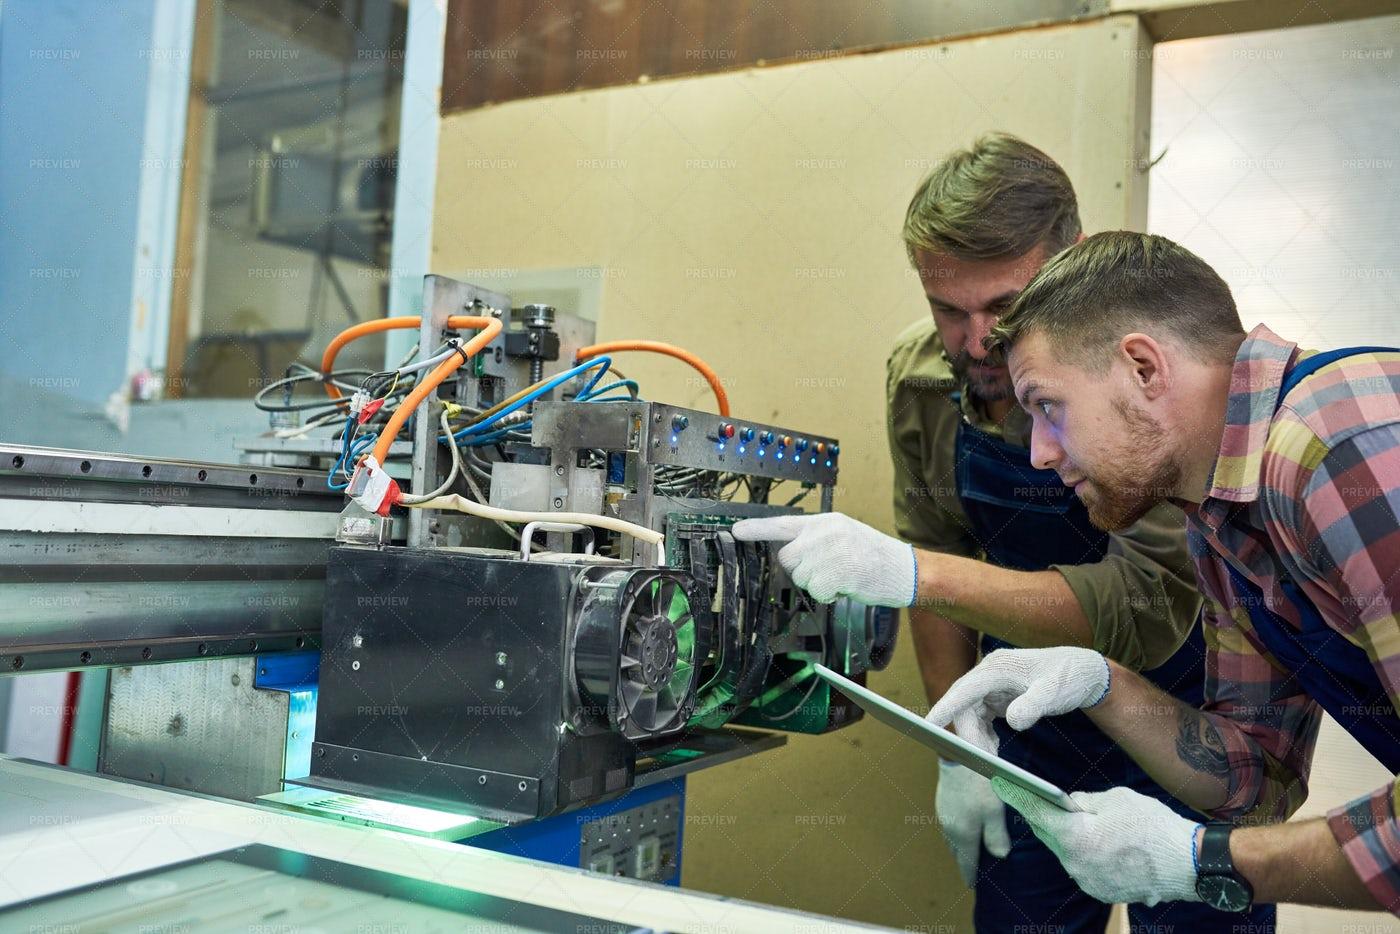 Mechanics Fixing Machine At Factory: Stock Photos